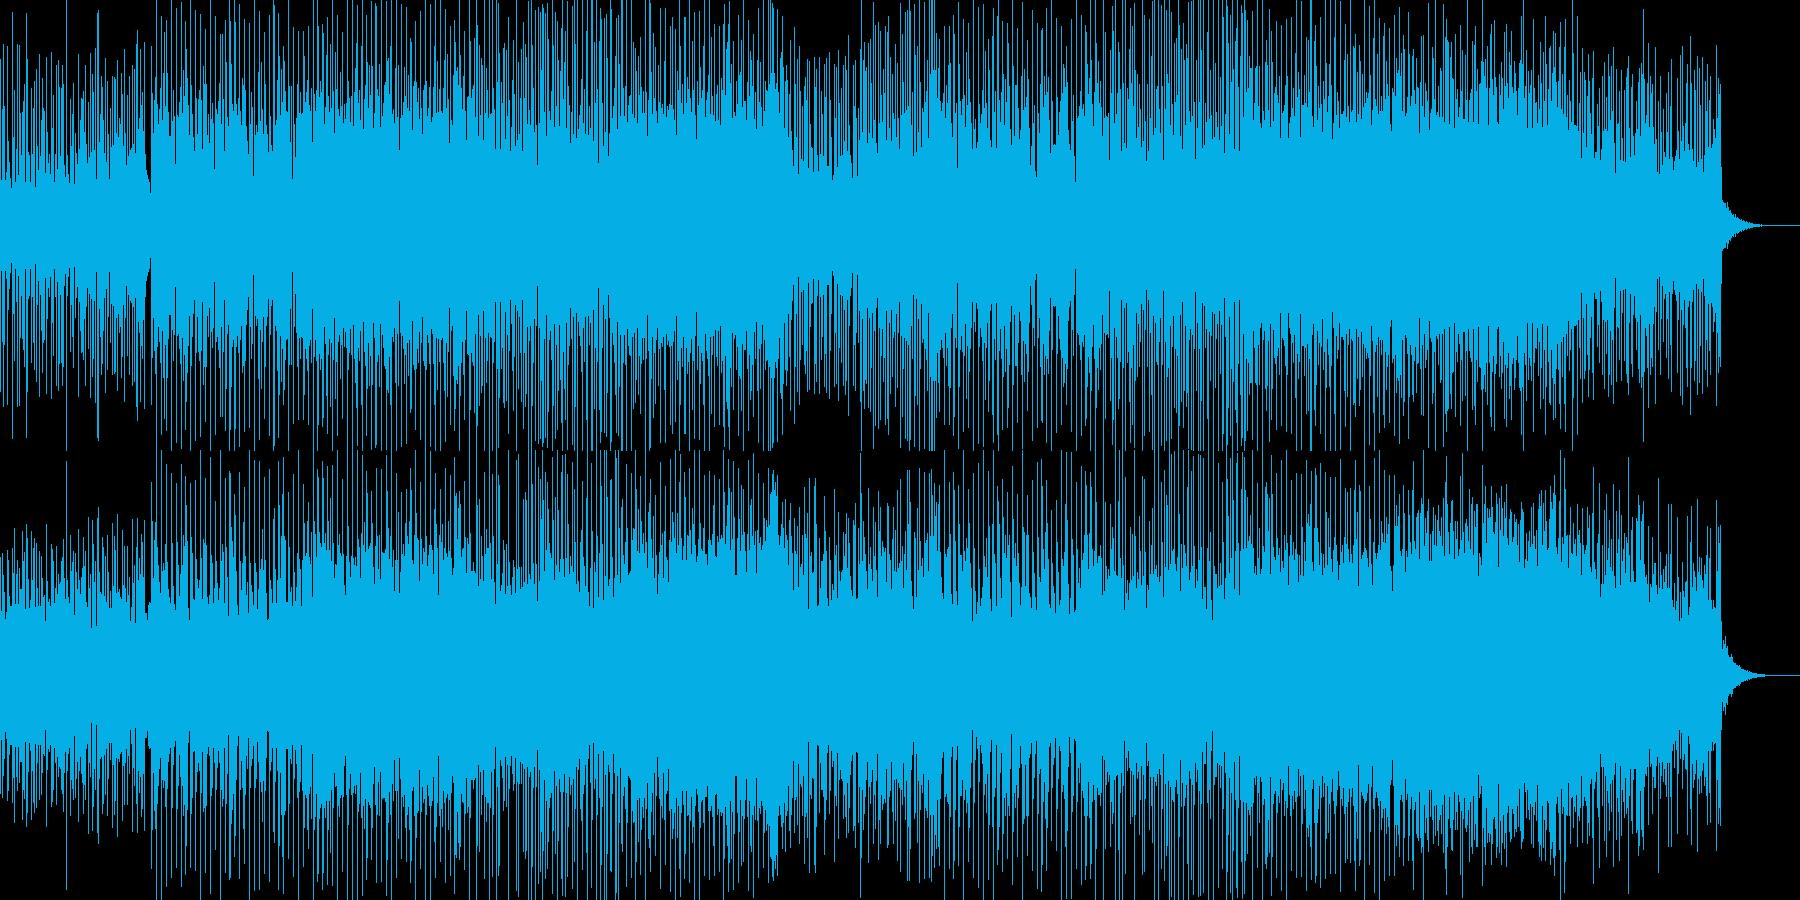 かわいいベル音と切ないフレーズが印象的の再生済みの波形